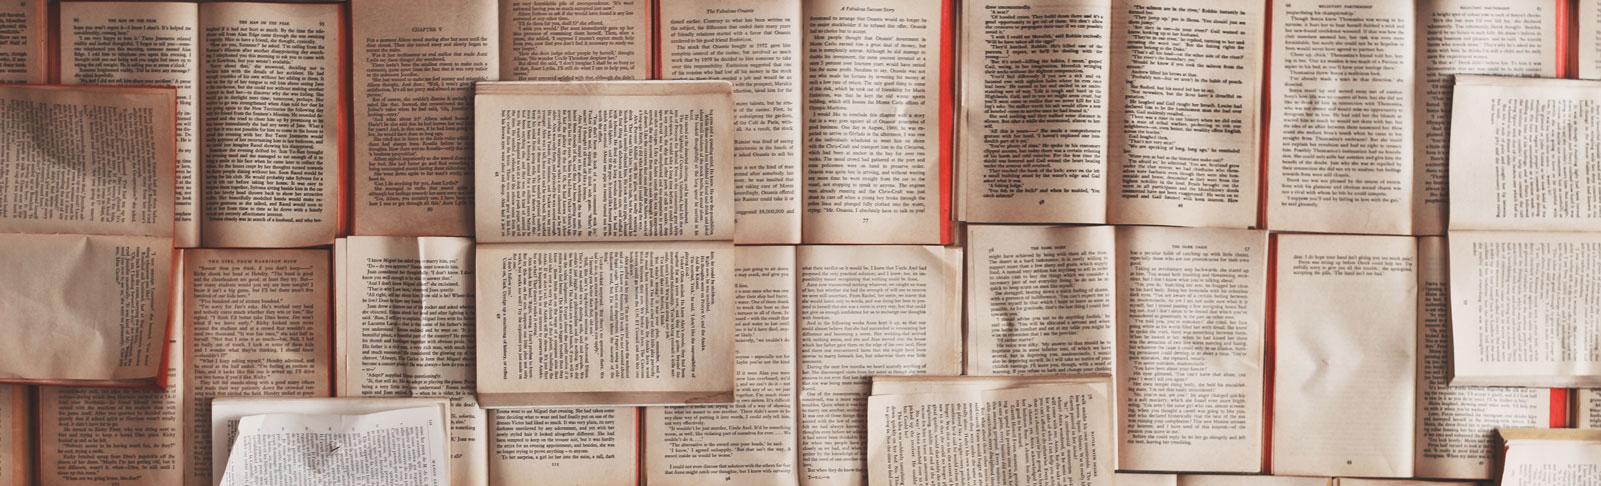 Übersetzungen und Korrektur - spanisch, deutsch